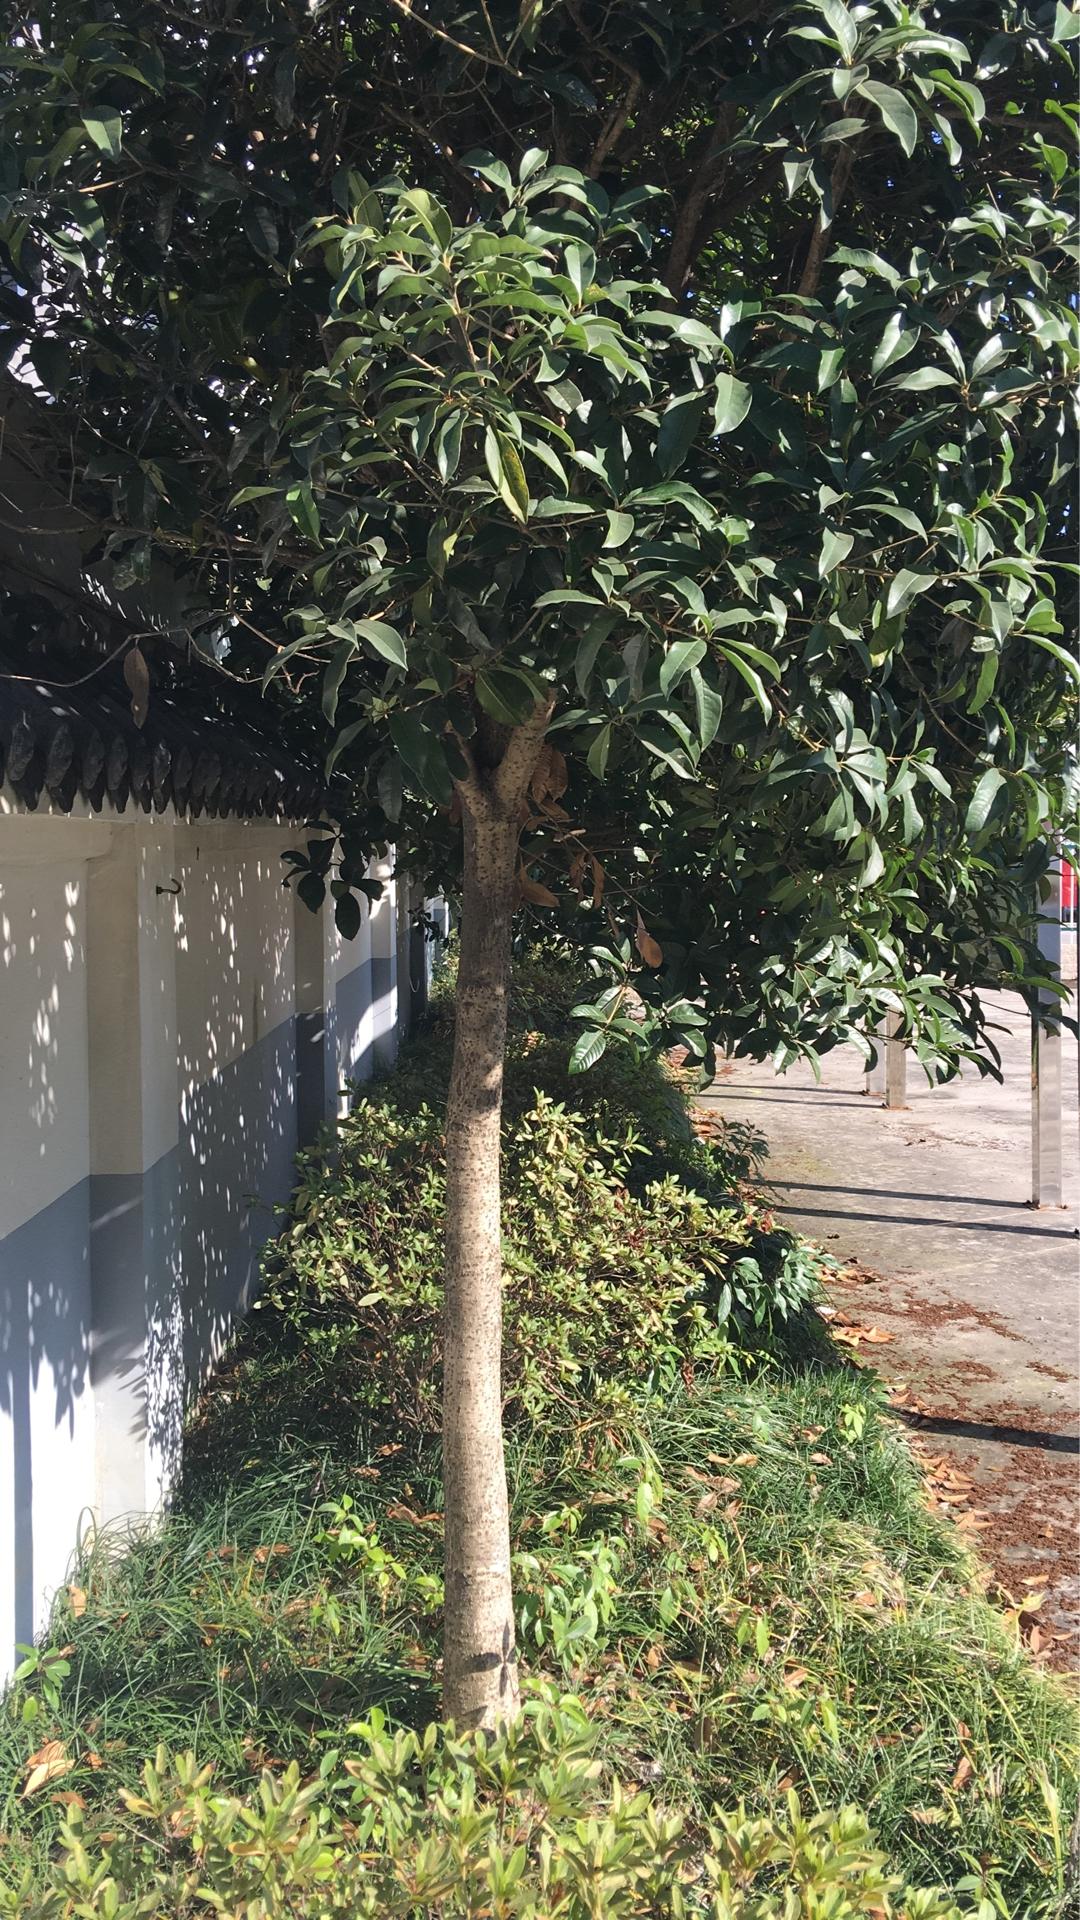 桂花树-荆州桂花树圃-荆州桂花树基地-荆州桂花树价格-荆州那里有桂花树